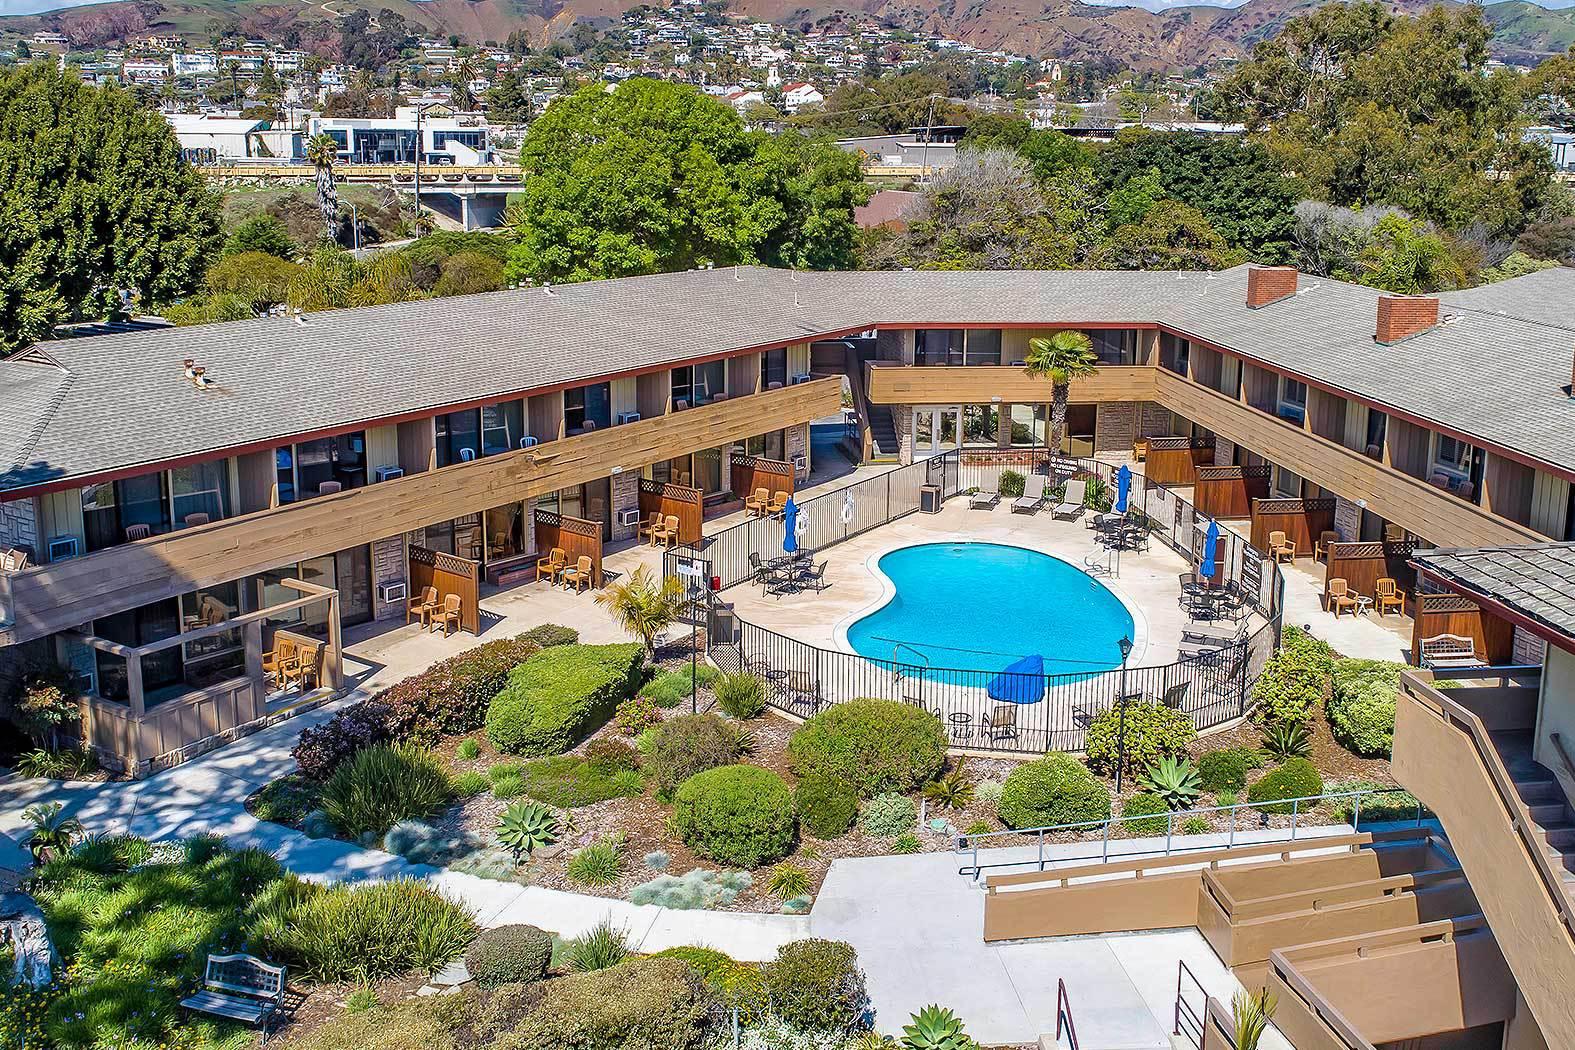 Pierpont Inn Wyndham Garden Ventura - Ventura, CA 93001 - (805)643-0245 | ShowMeLocal.com